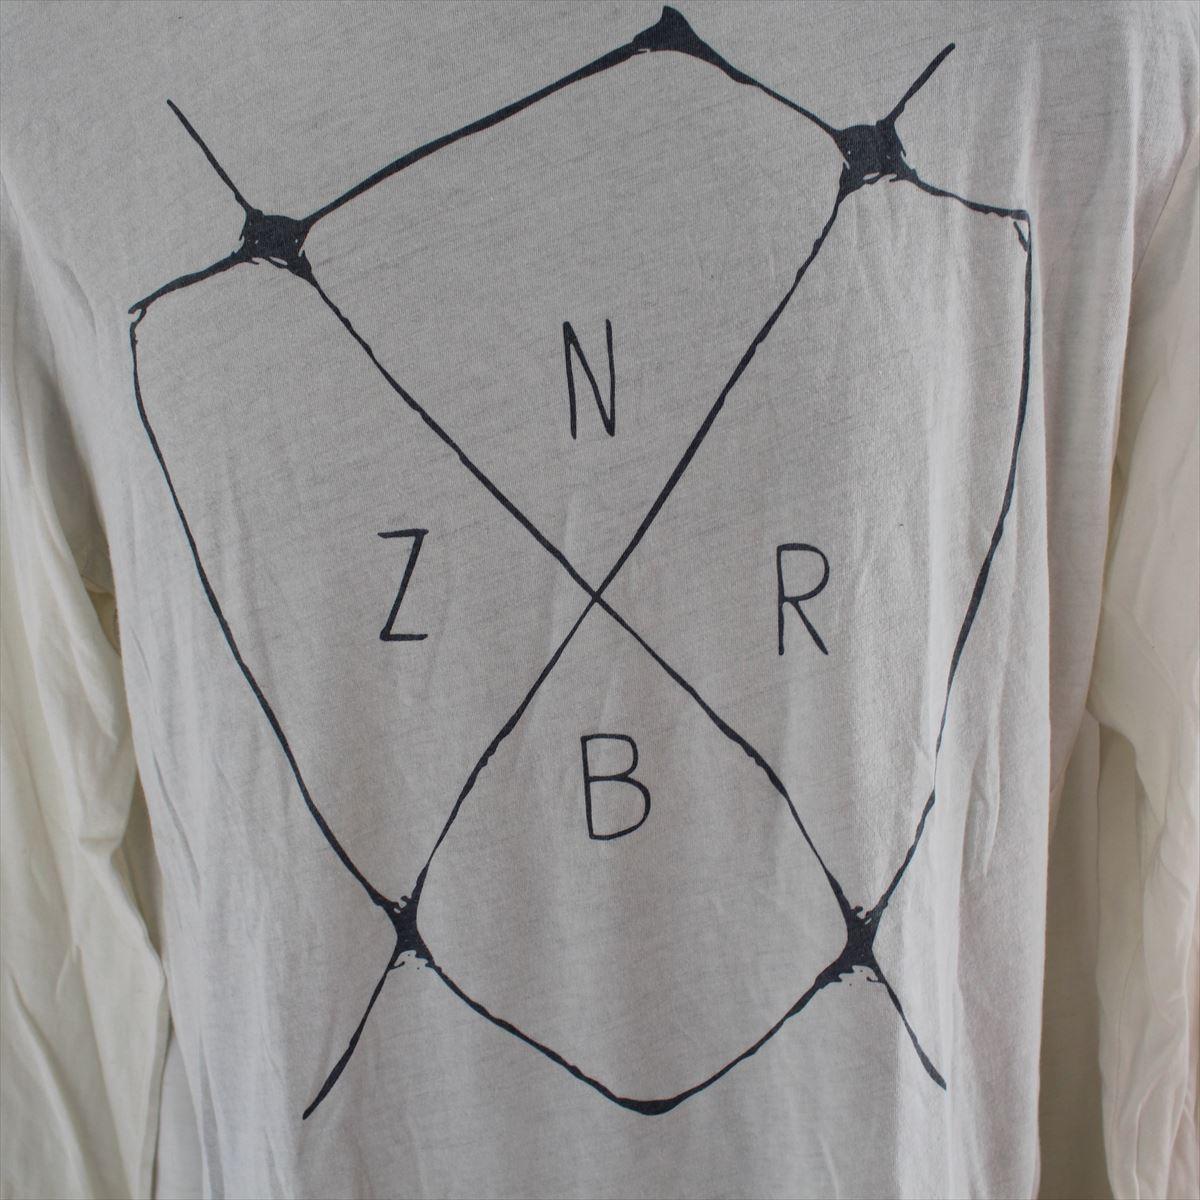 ゼインローブ ZANEROBE メンズ長袖Tシャツ ホワイト Sサイズ 新品 122-INJ-LS_画像2